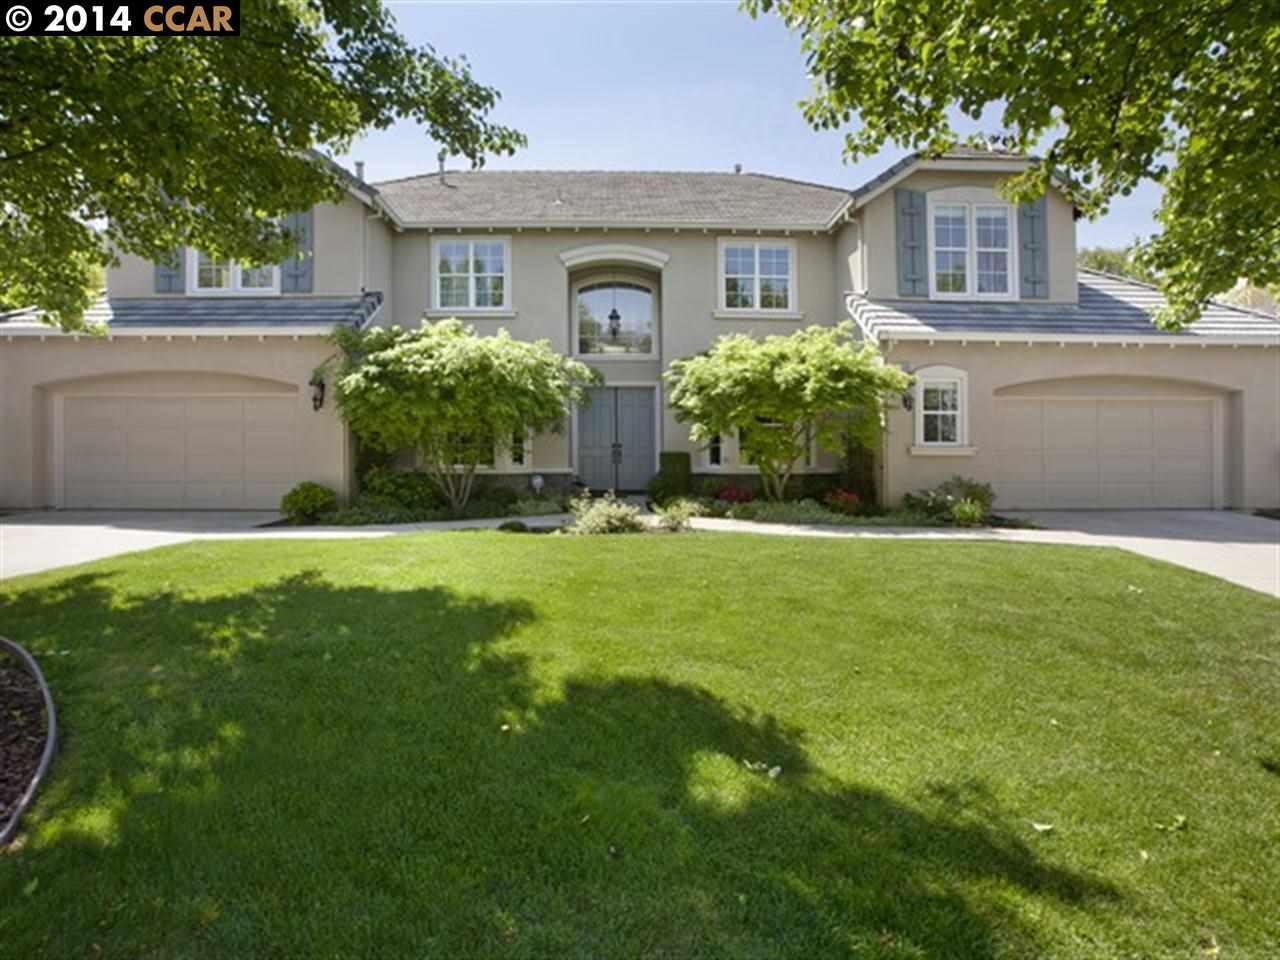 Частный односемейный дом для того Продажа на 1590 SERAFIX Road Alamo, Калифорния 94507 Соединенные Штаты